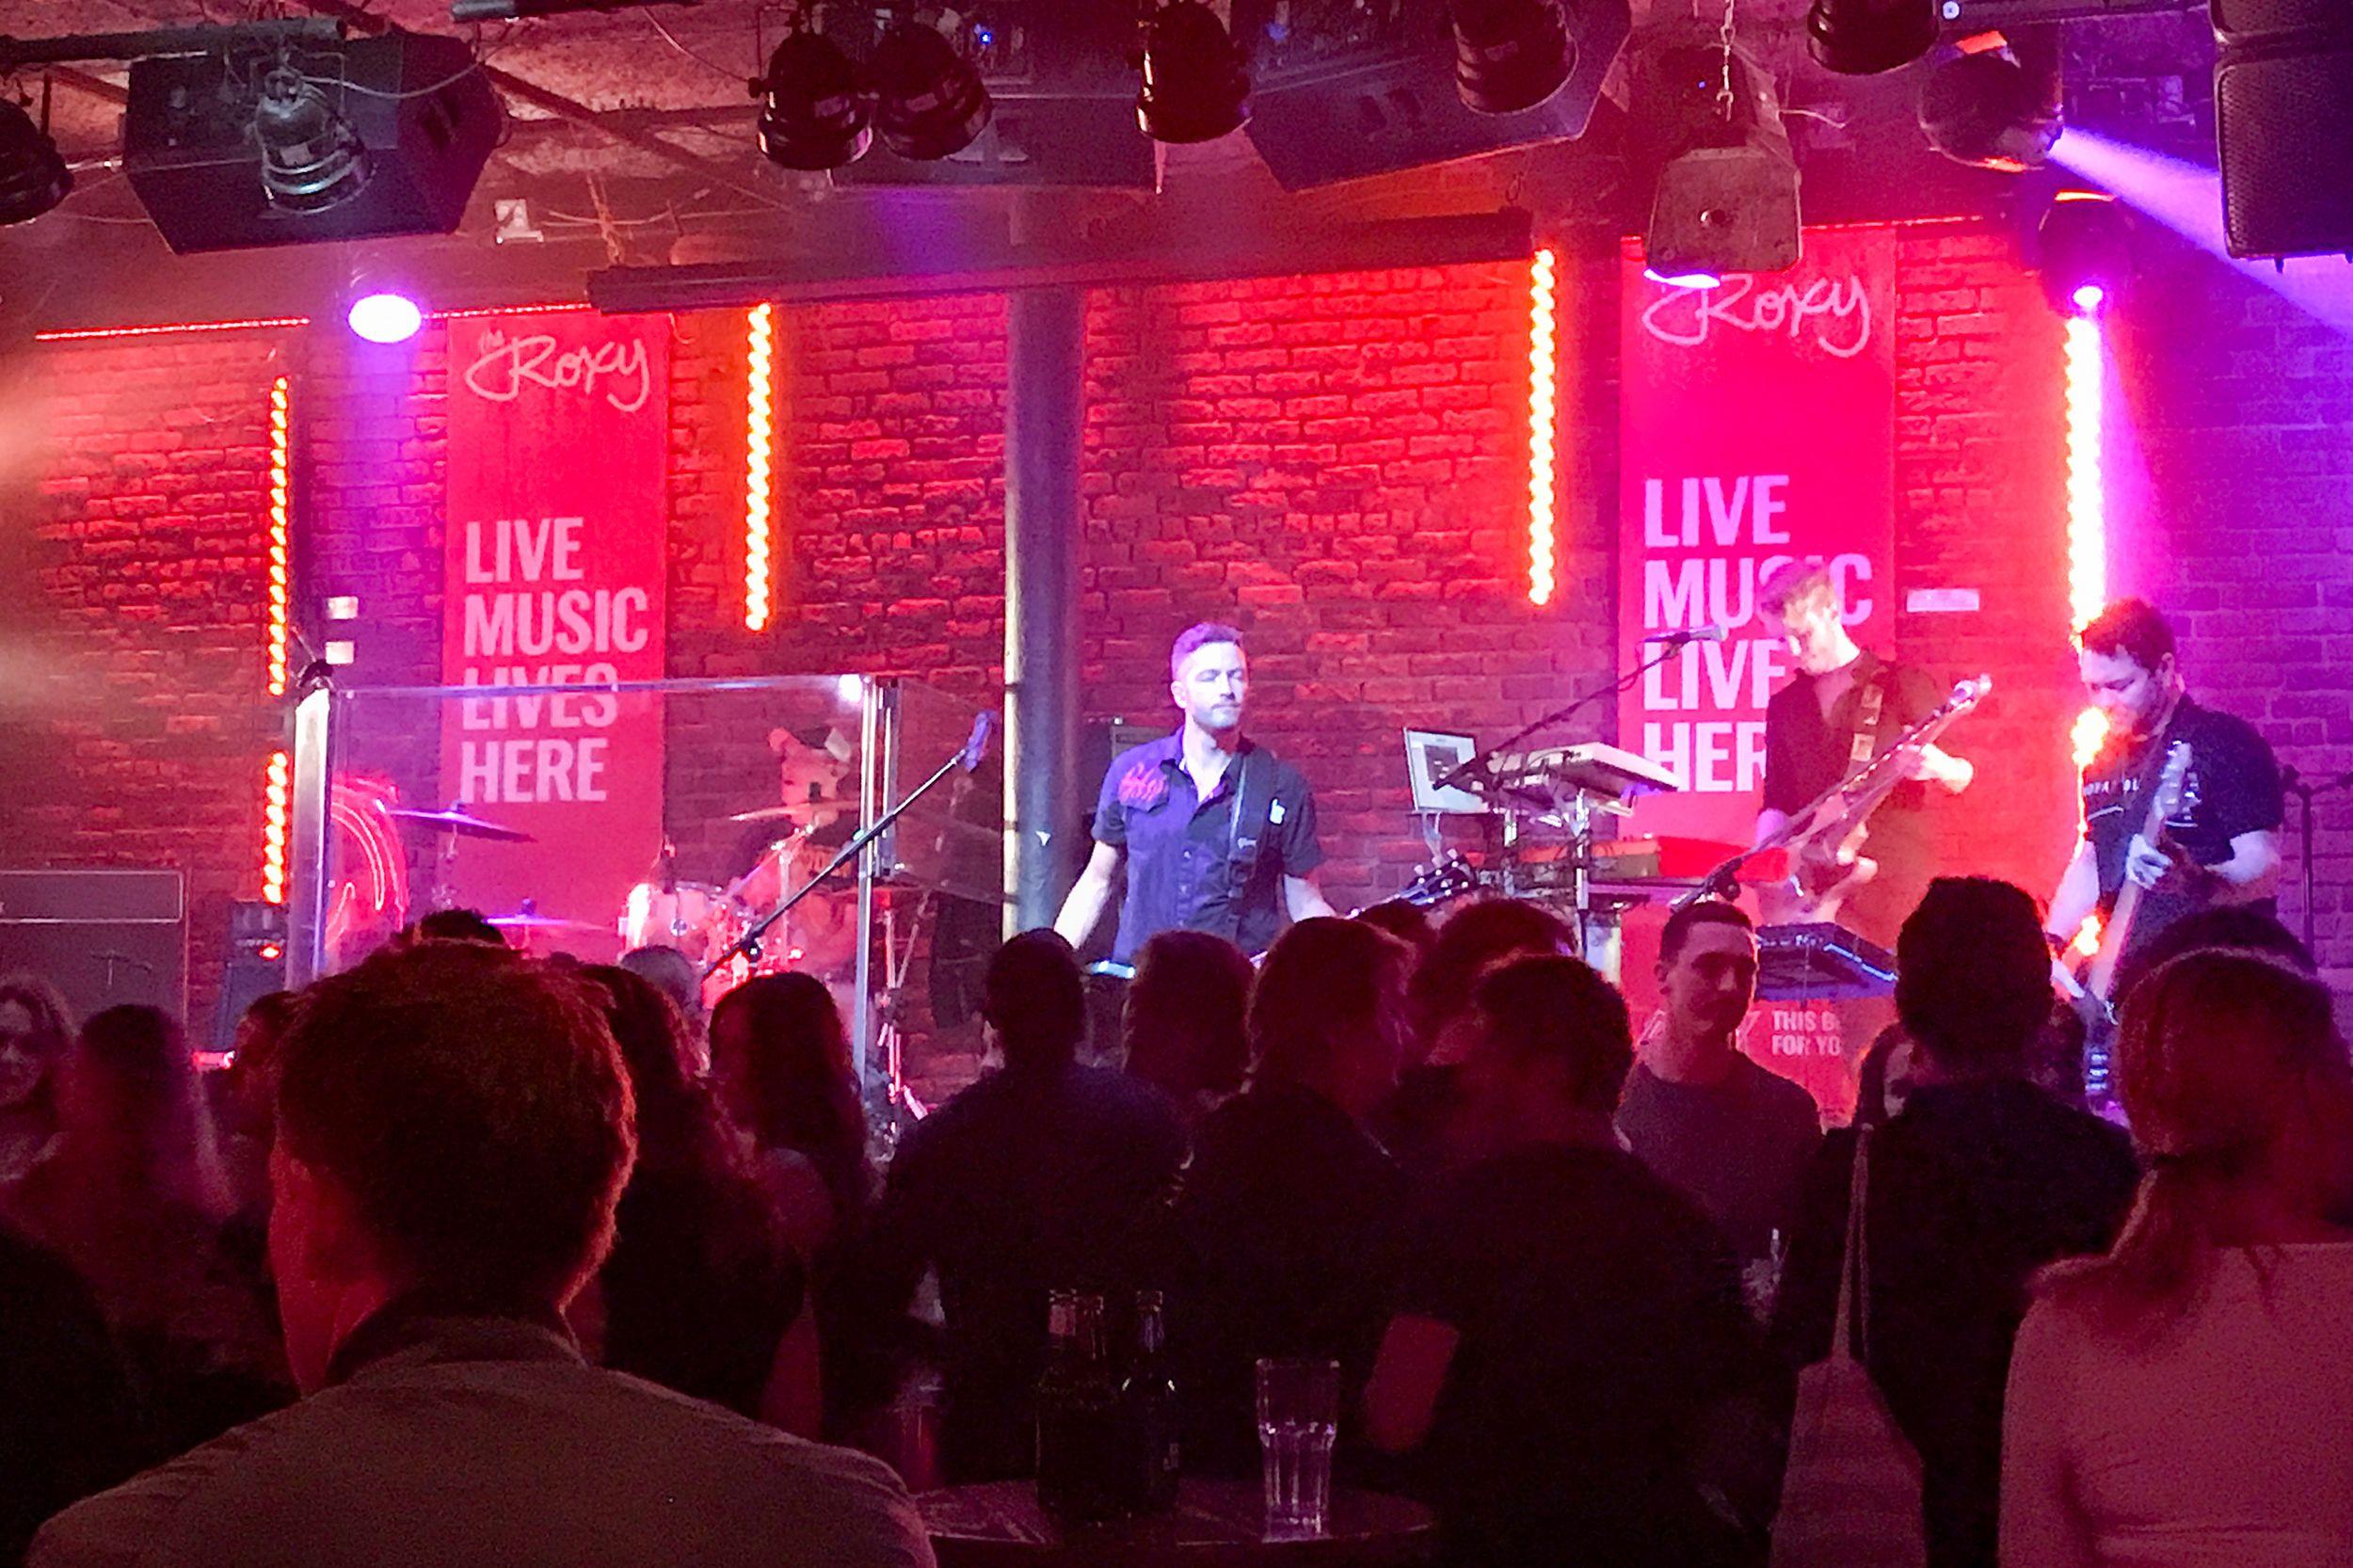 Ein Konzert in der Roxy Bar in Vancouver